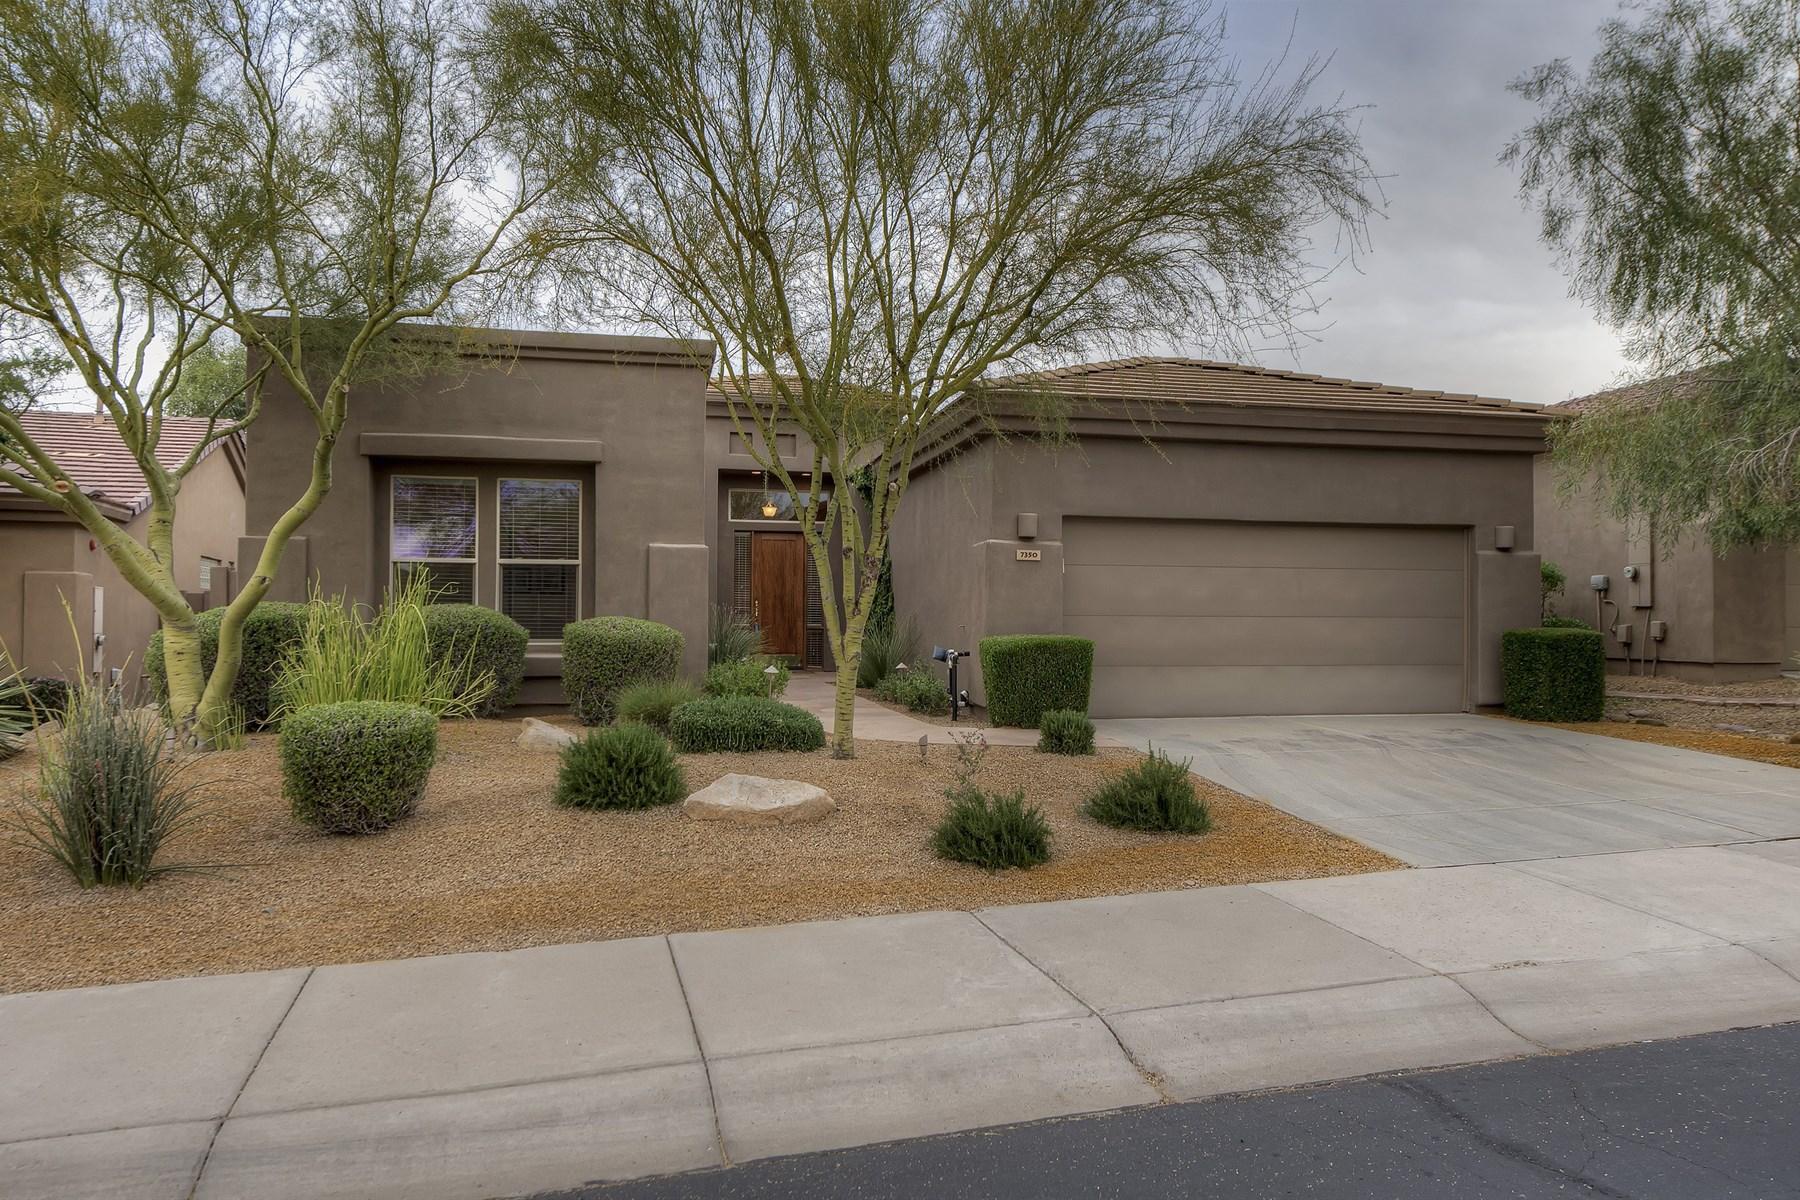 一戸建て のために 売買 アット Perfectly situated private interior lot 7350 E Eagle Feather Rd Scottsdale, アリゾナ, 85266 アメリカ合衆国